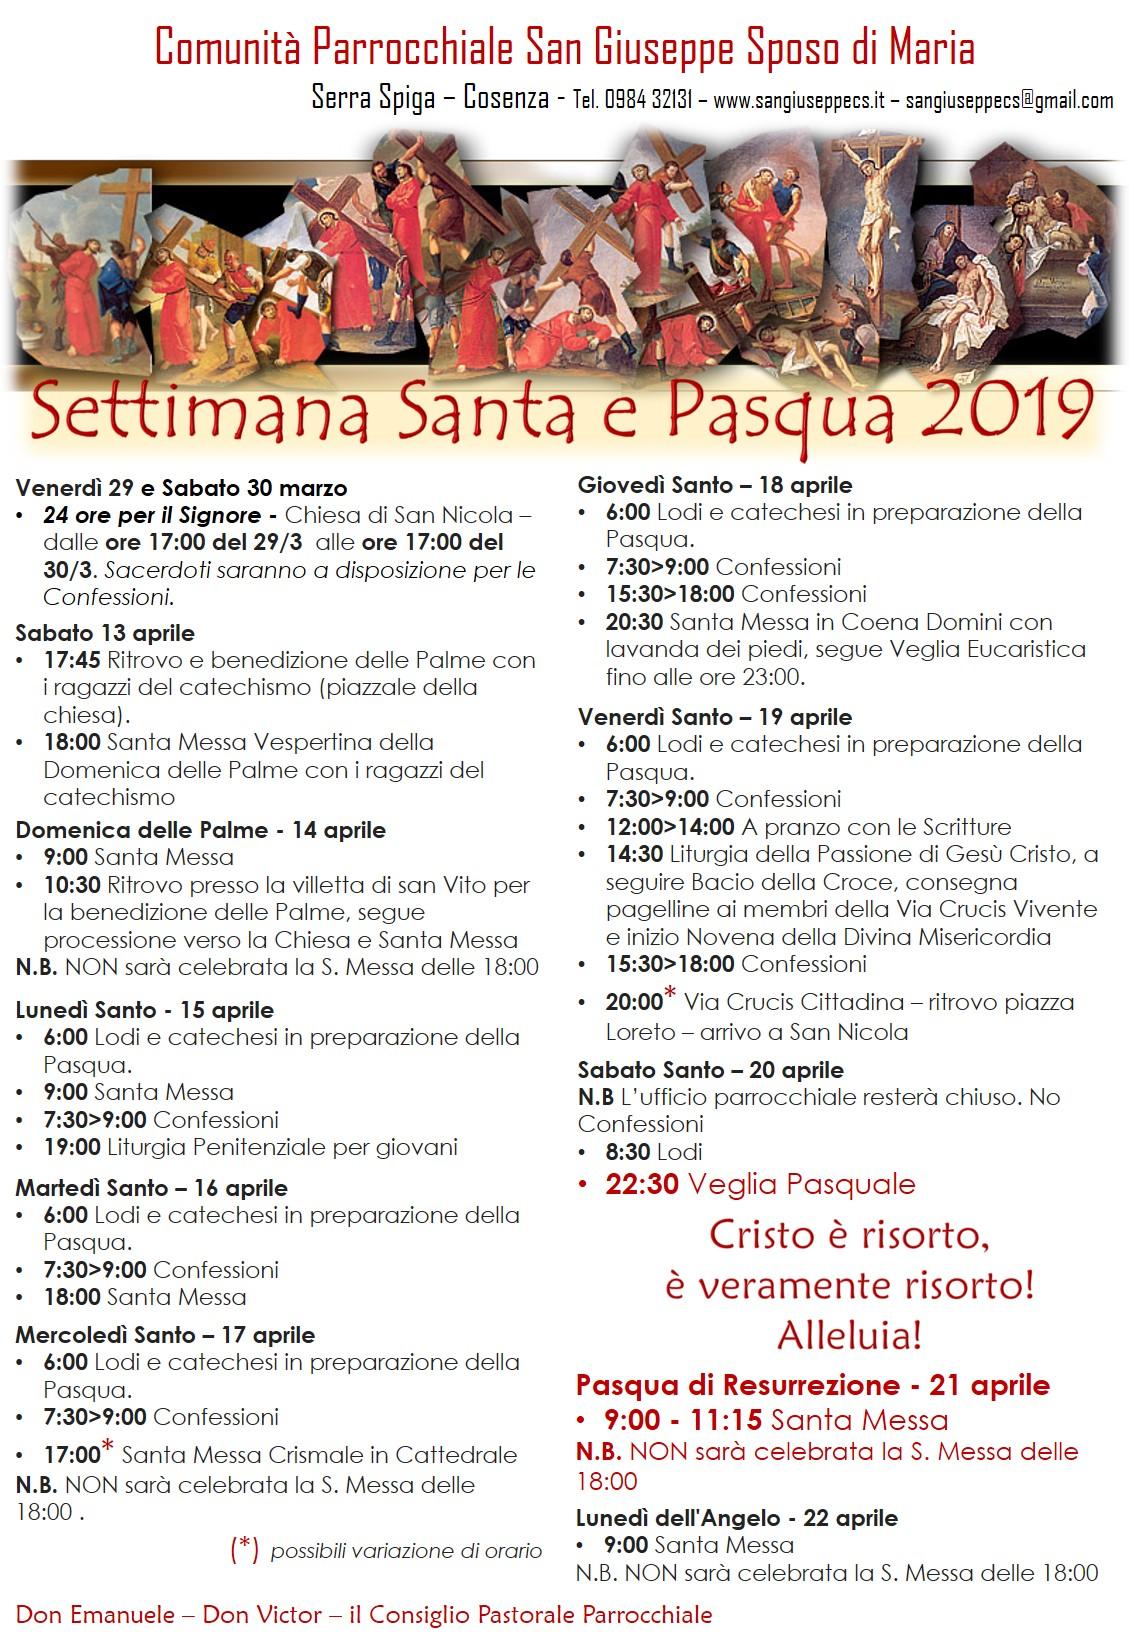 SettSanta19